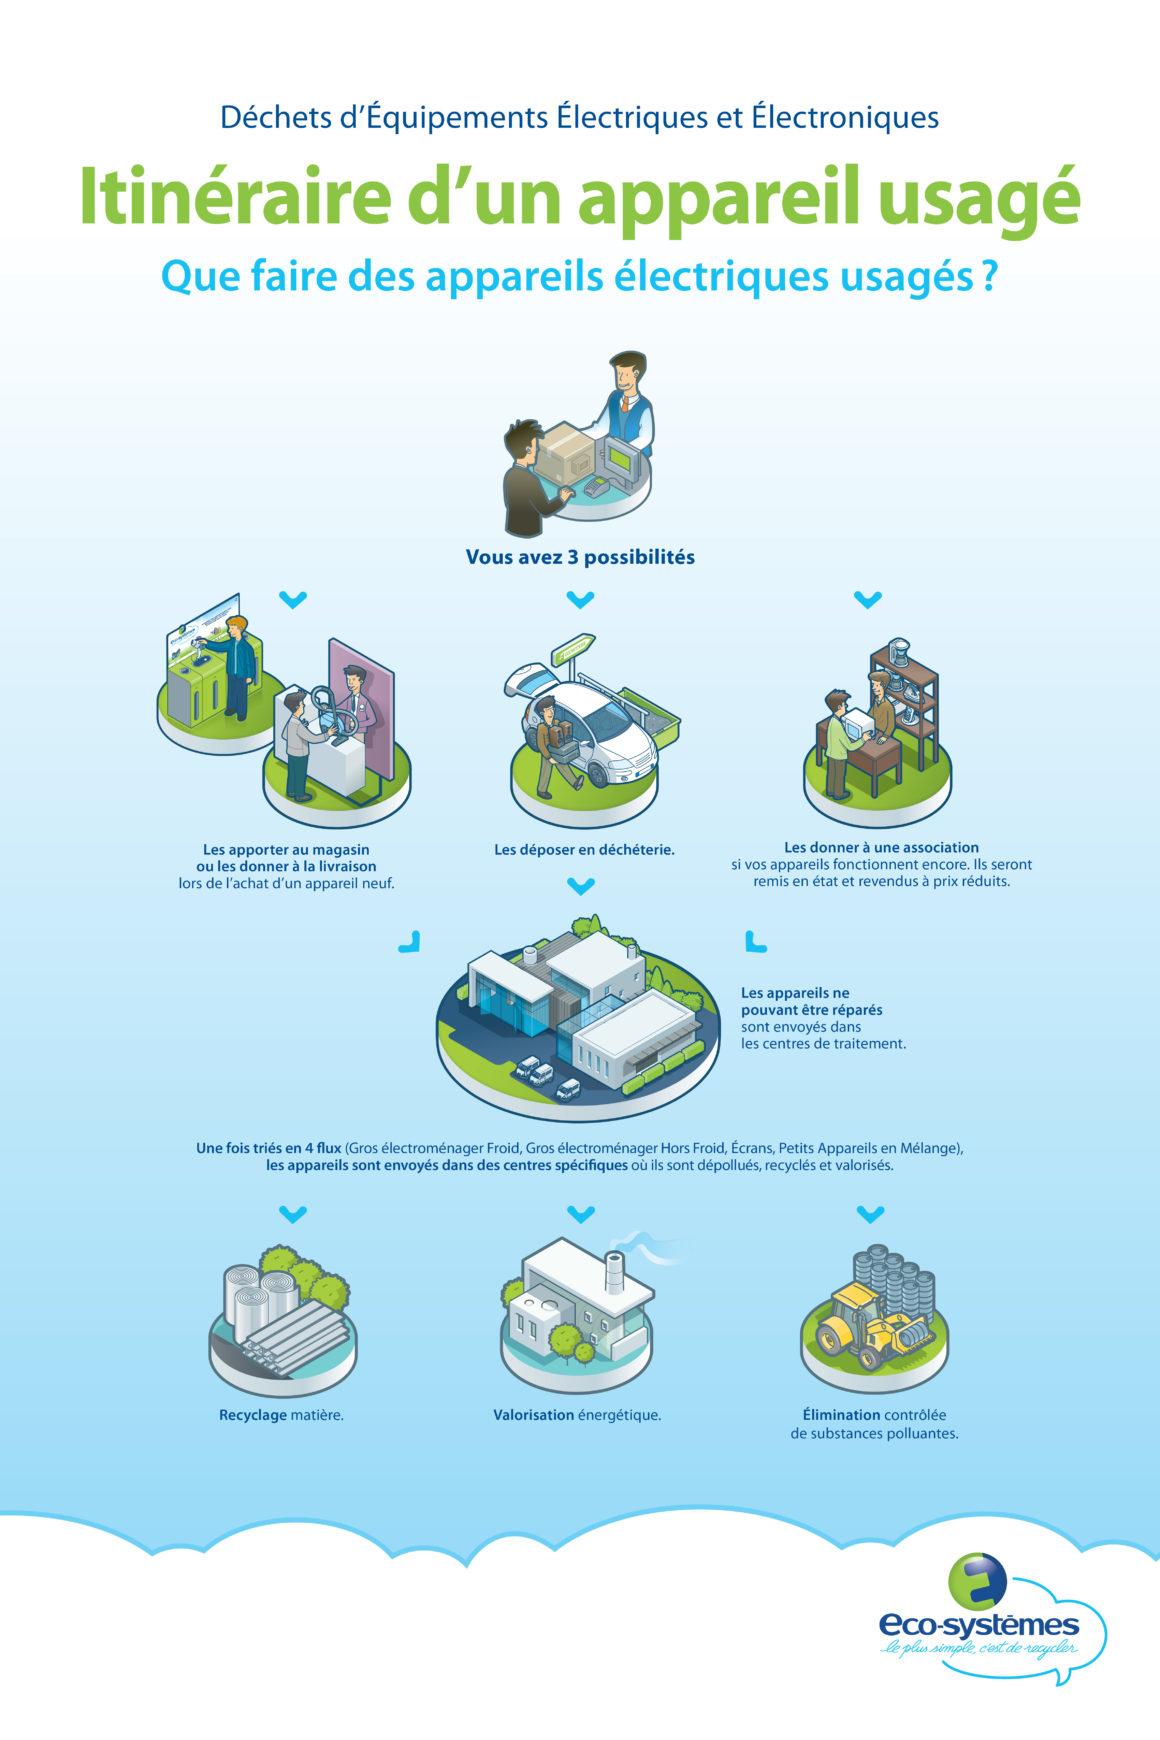 Les différents endroits à mener son produit électronique pour qu'il soit recyclé